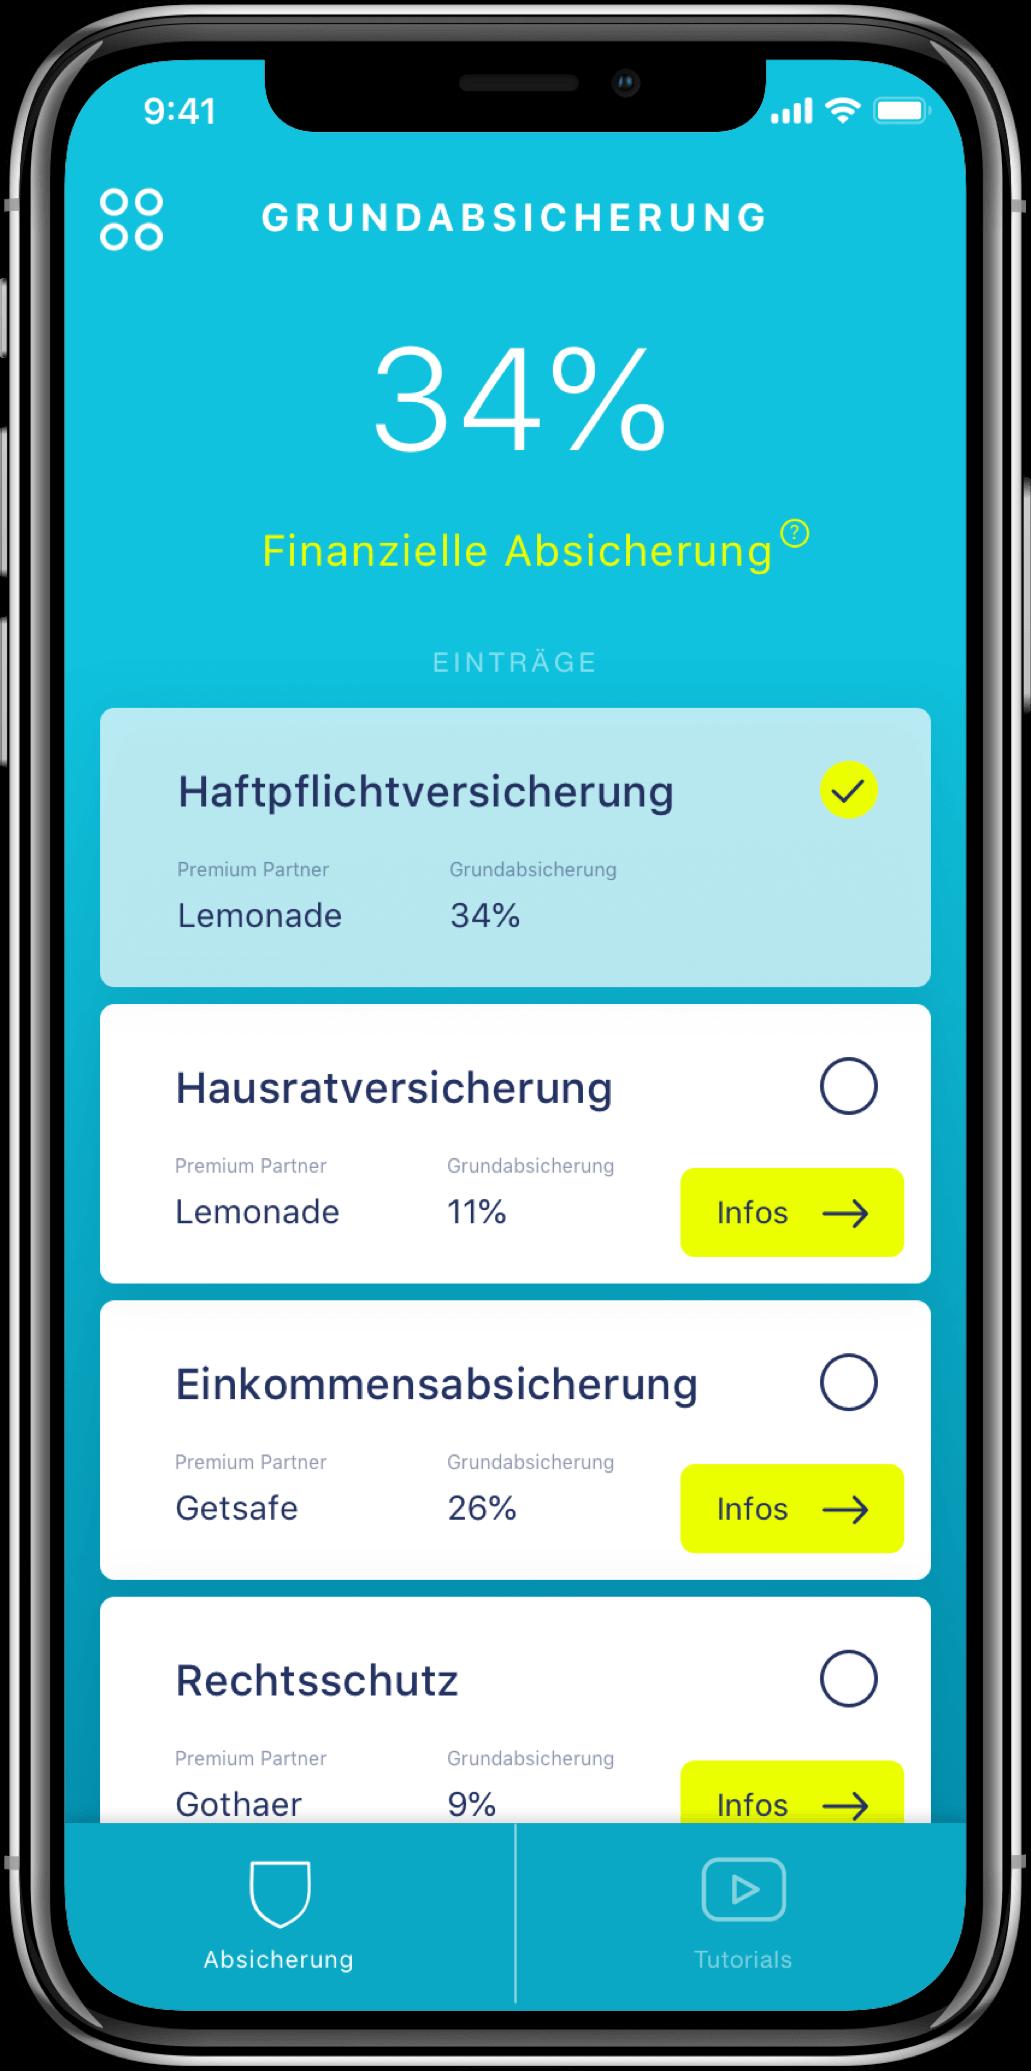 Handyscreen mit amplitude App Preview mit Finanzielle Grundabsicherung